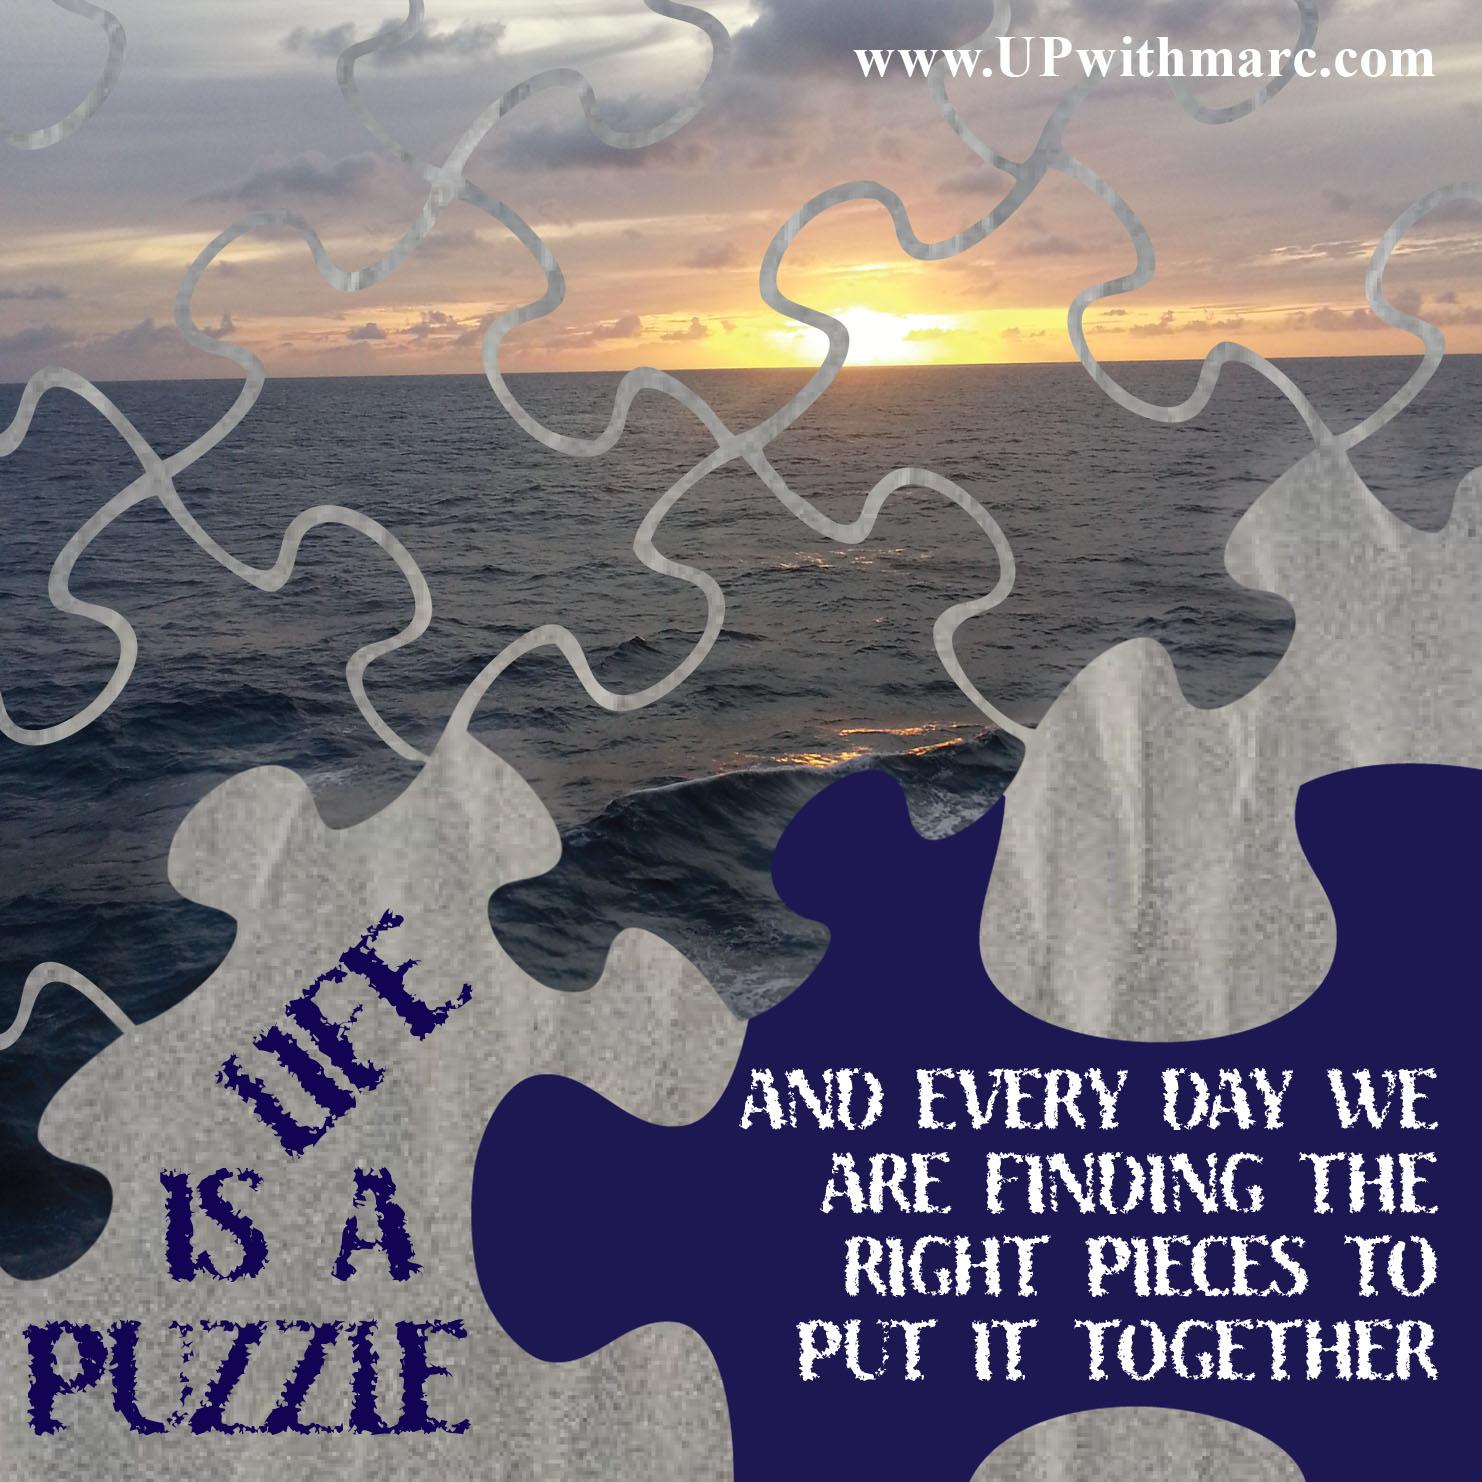 puzzle meme monday (puzzle) up with marc